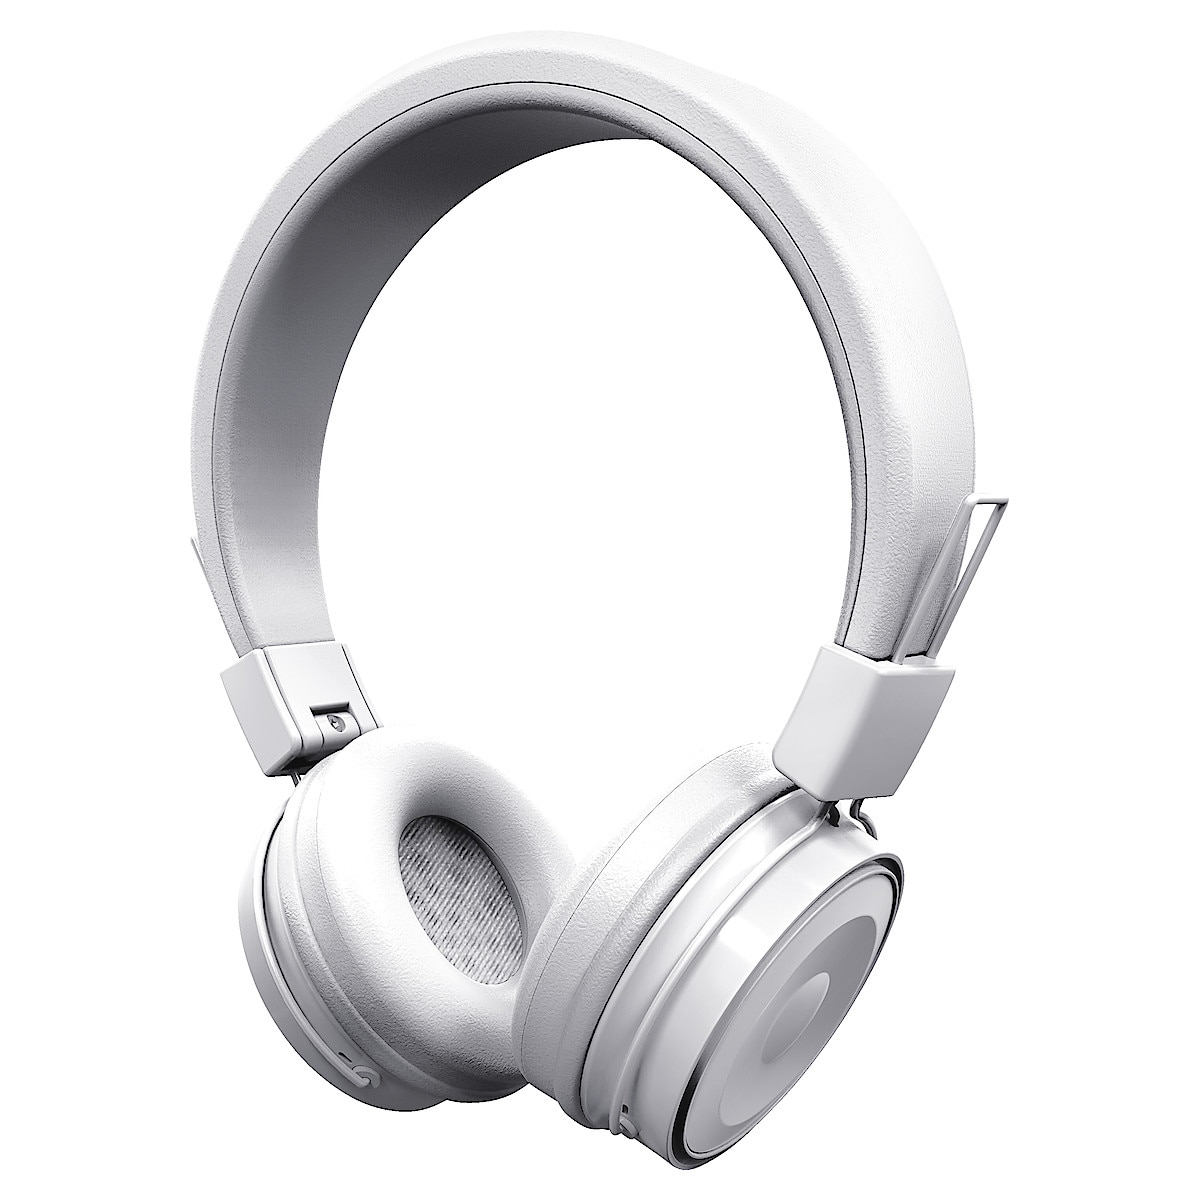 Trådlösa hörlurar med mikrofon Exibel Hyperite